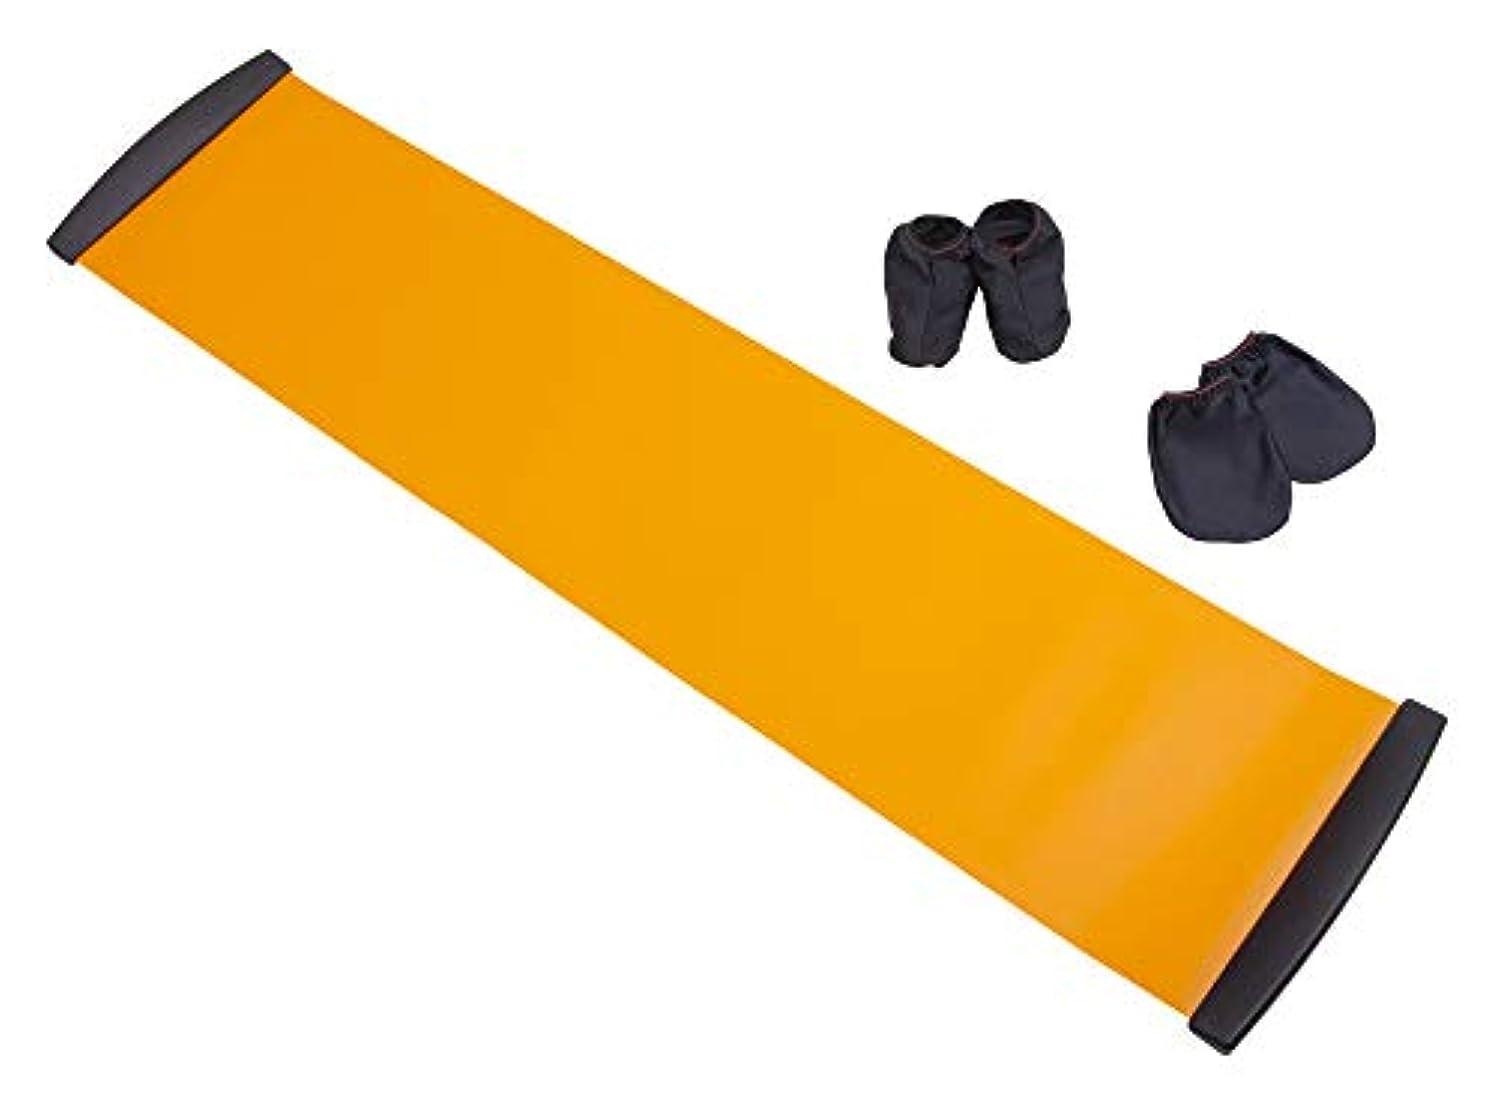 ブラジャー大腿節約するアルファックス 有酸素スライダー 商品サイズ:幅183×奥行42cm